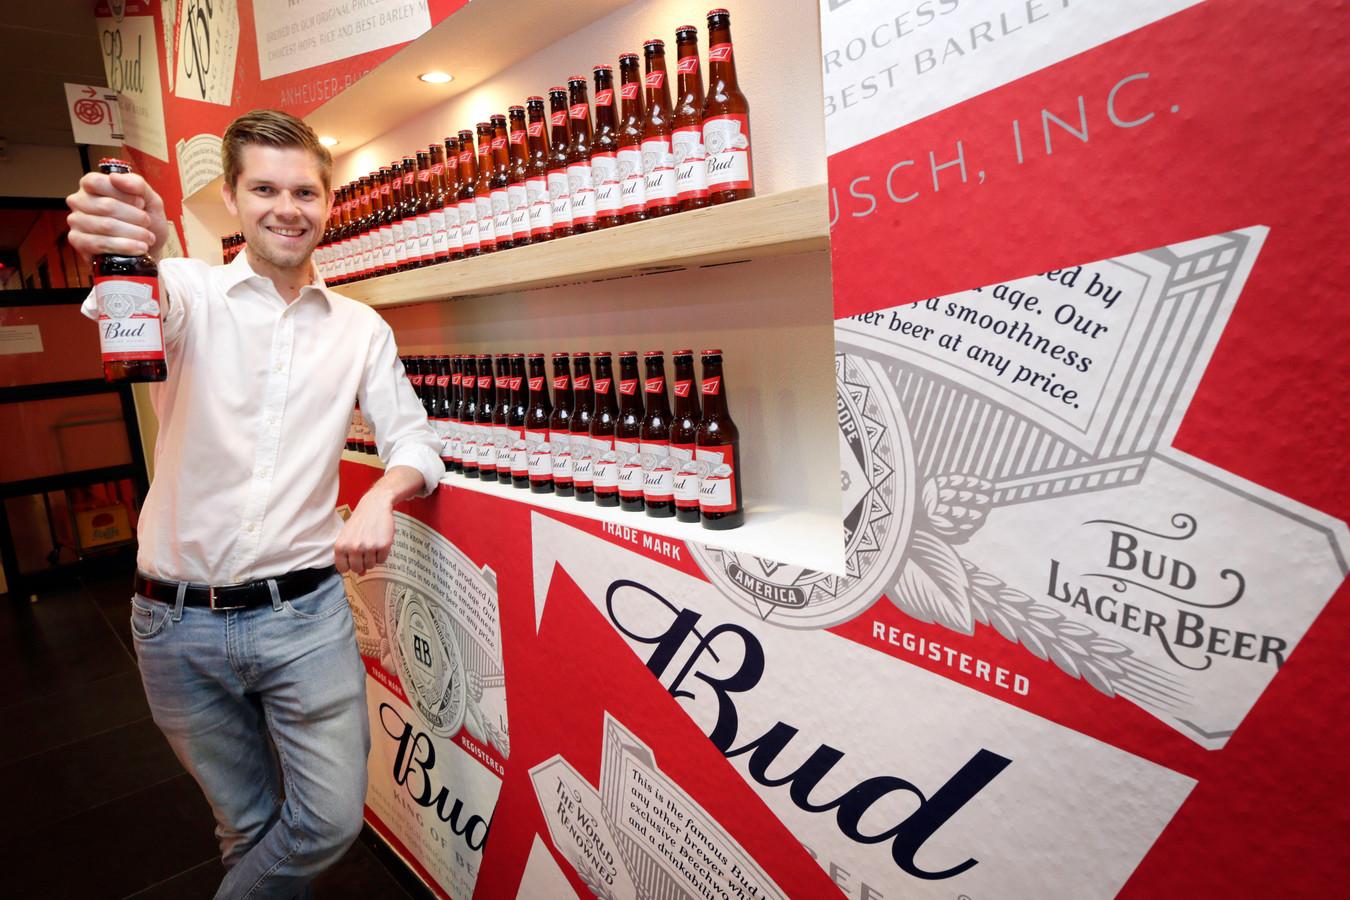 Nicolas Bartholomeeusen, directeur van Bierbrouwerij AB InBev ziet goed kansen van Budweiser in Nederland.